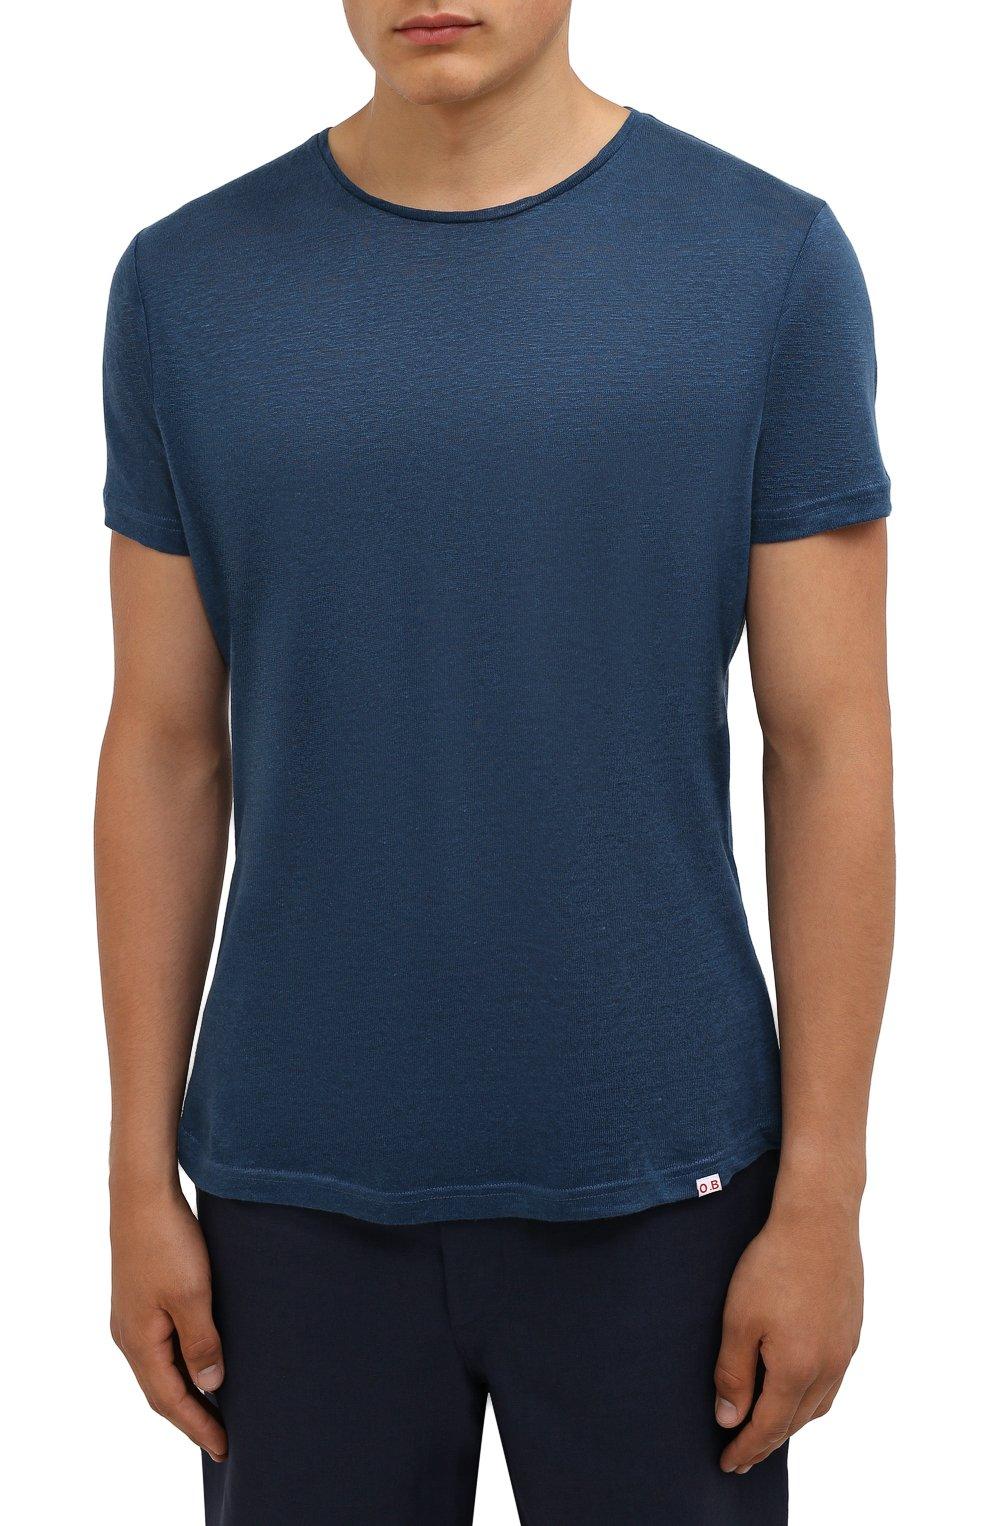 Мужская льняная футболка ORLEBAR BROWN темно-синего цвета, арт. 273700   Фото 3 (Кросс-КТ: Пляж; Принт: Без принта; Рукава: Короткие; Длина (для топов): Стандартные; Материал внешний: Лен; Стили: Кэжуэл)